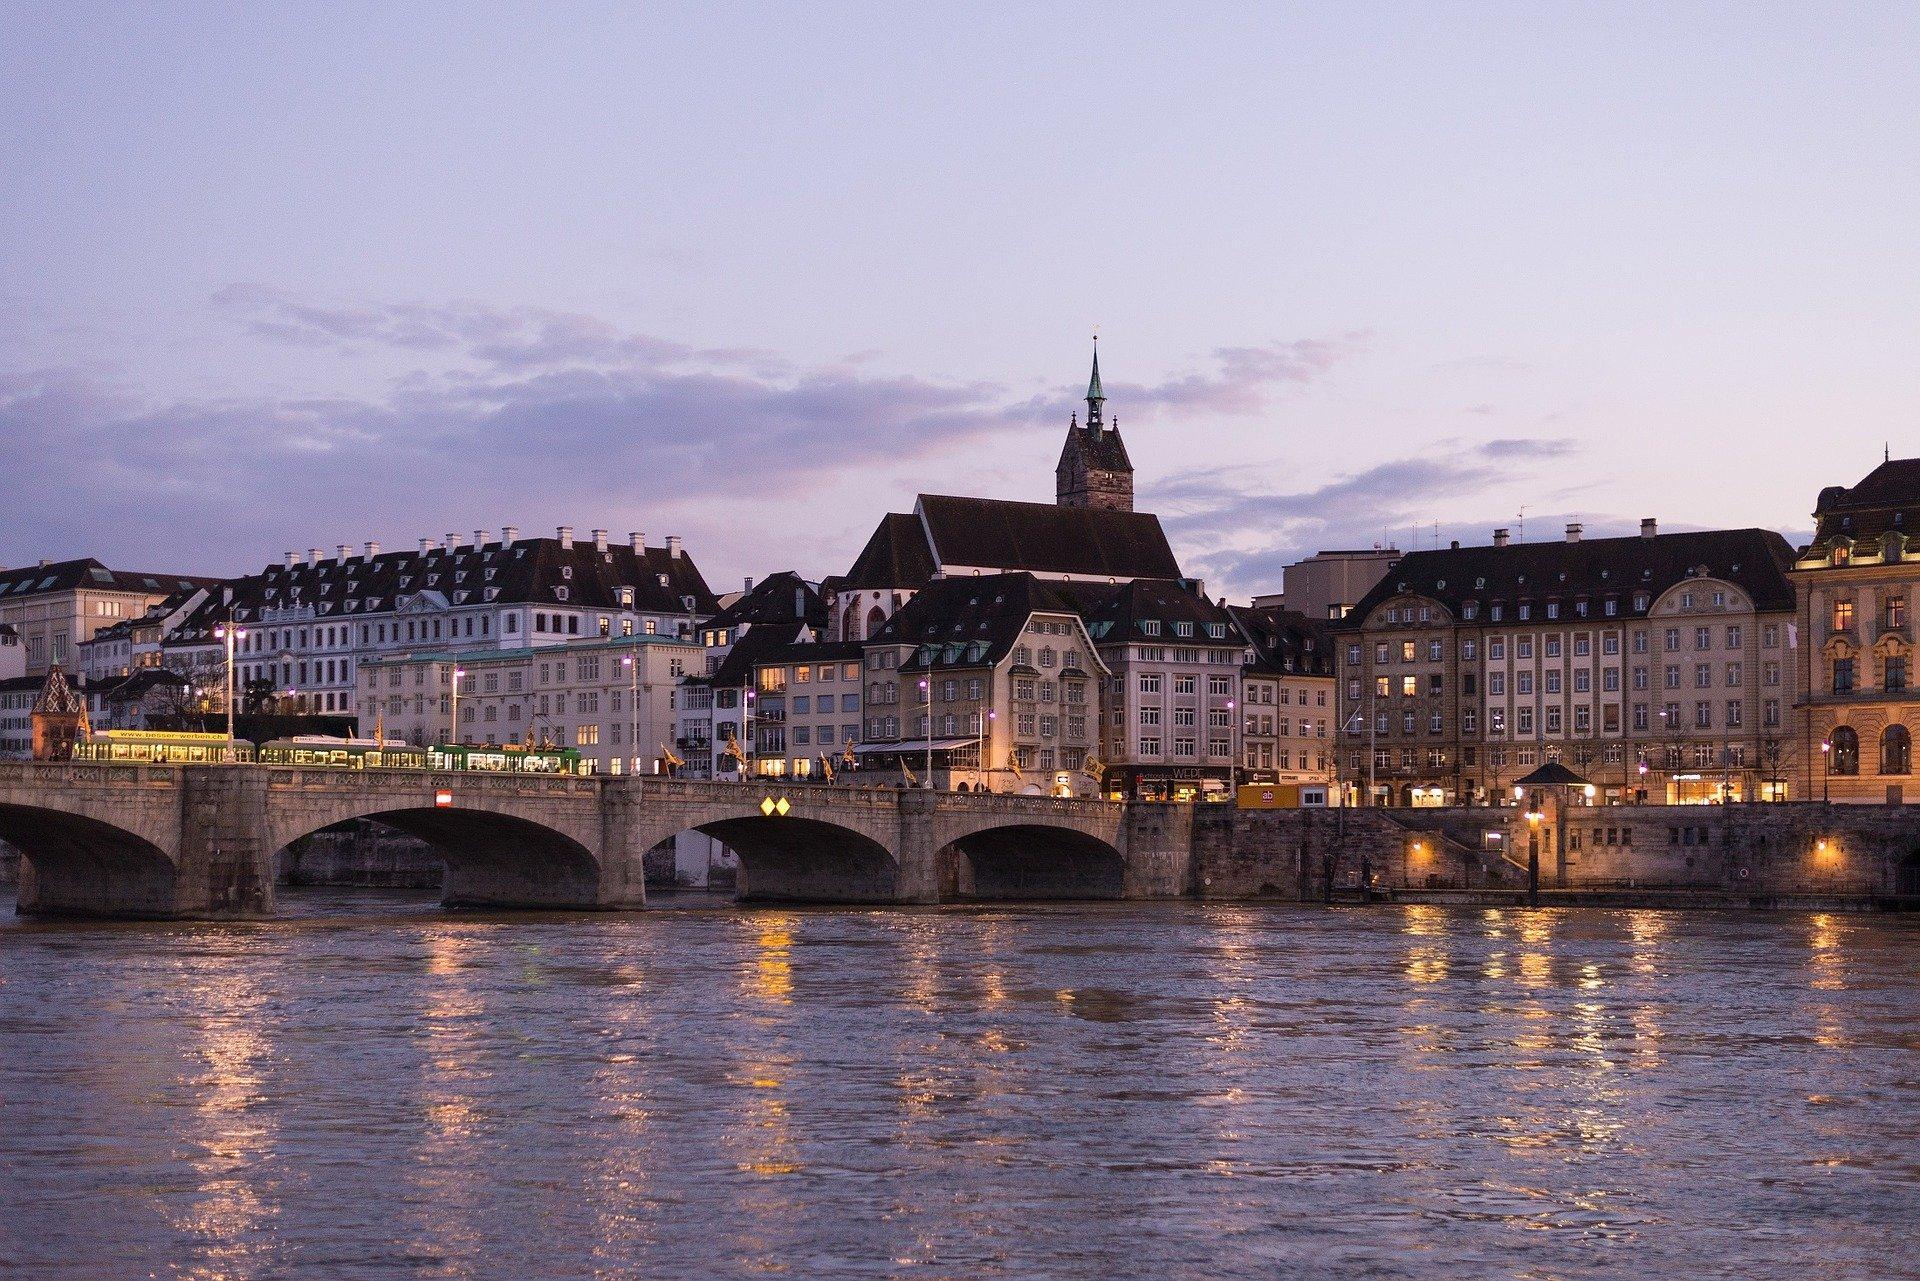 Bild von der Stadt Basel bei Dämmerung mit Beleuchtung